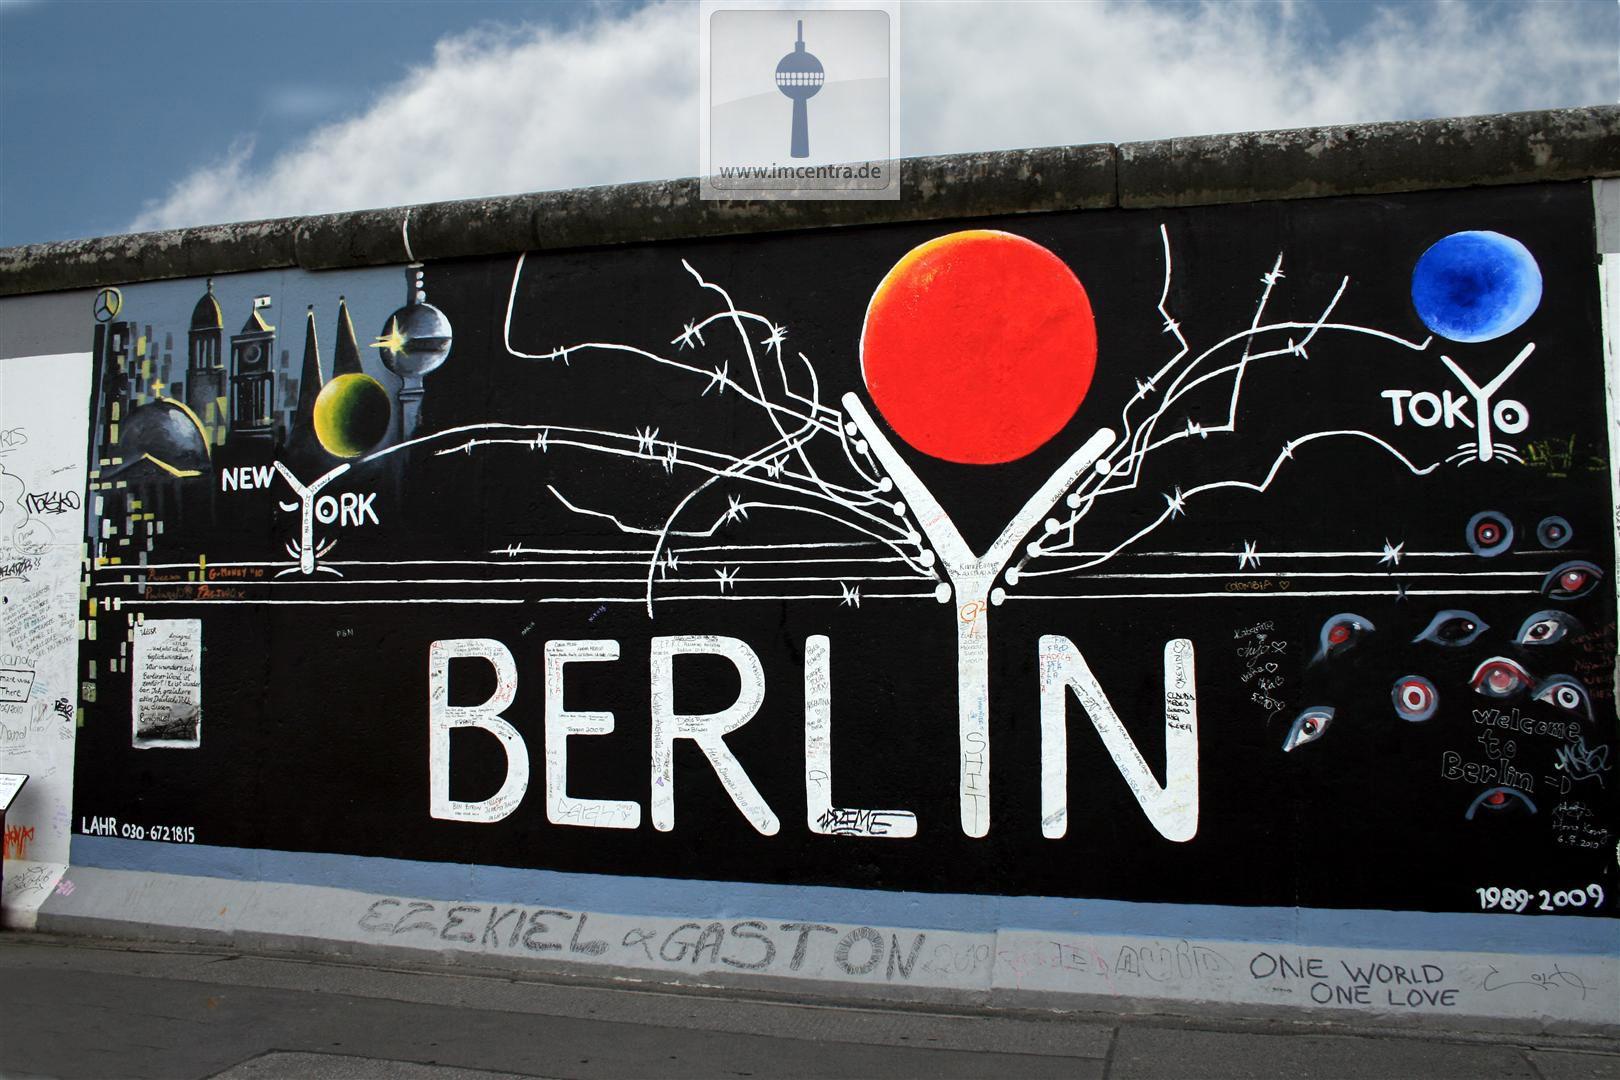 Eastside Gallery Die Mauer Ihr Immobilienmakler Und Berlin Liebhaber Follow Us Www Imcentra De Berlin Immobilienmakler Bilder